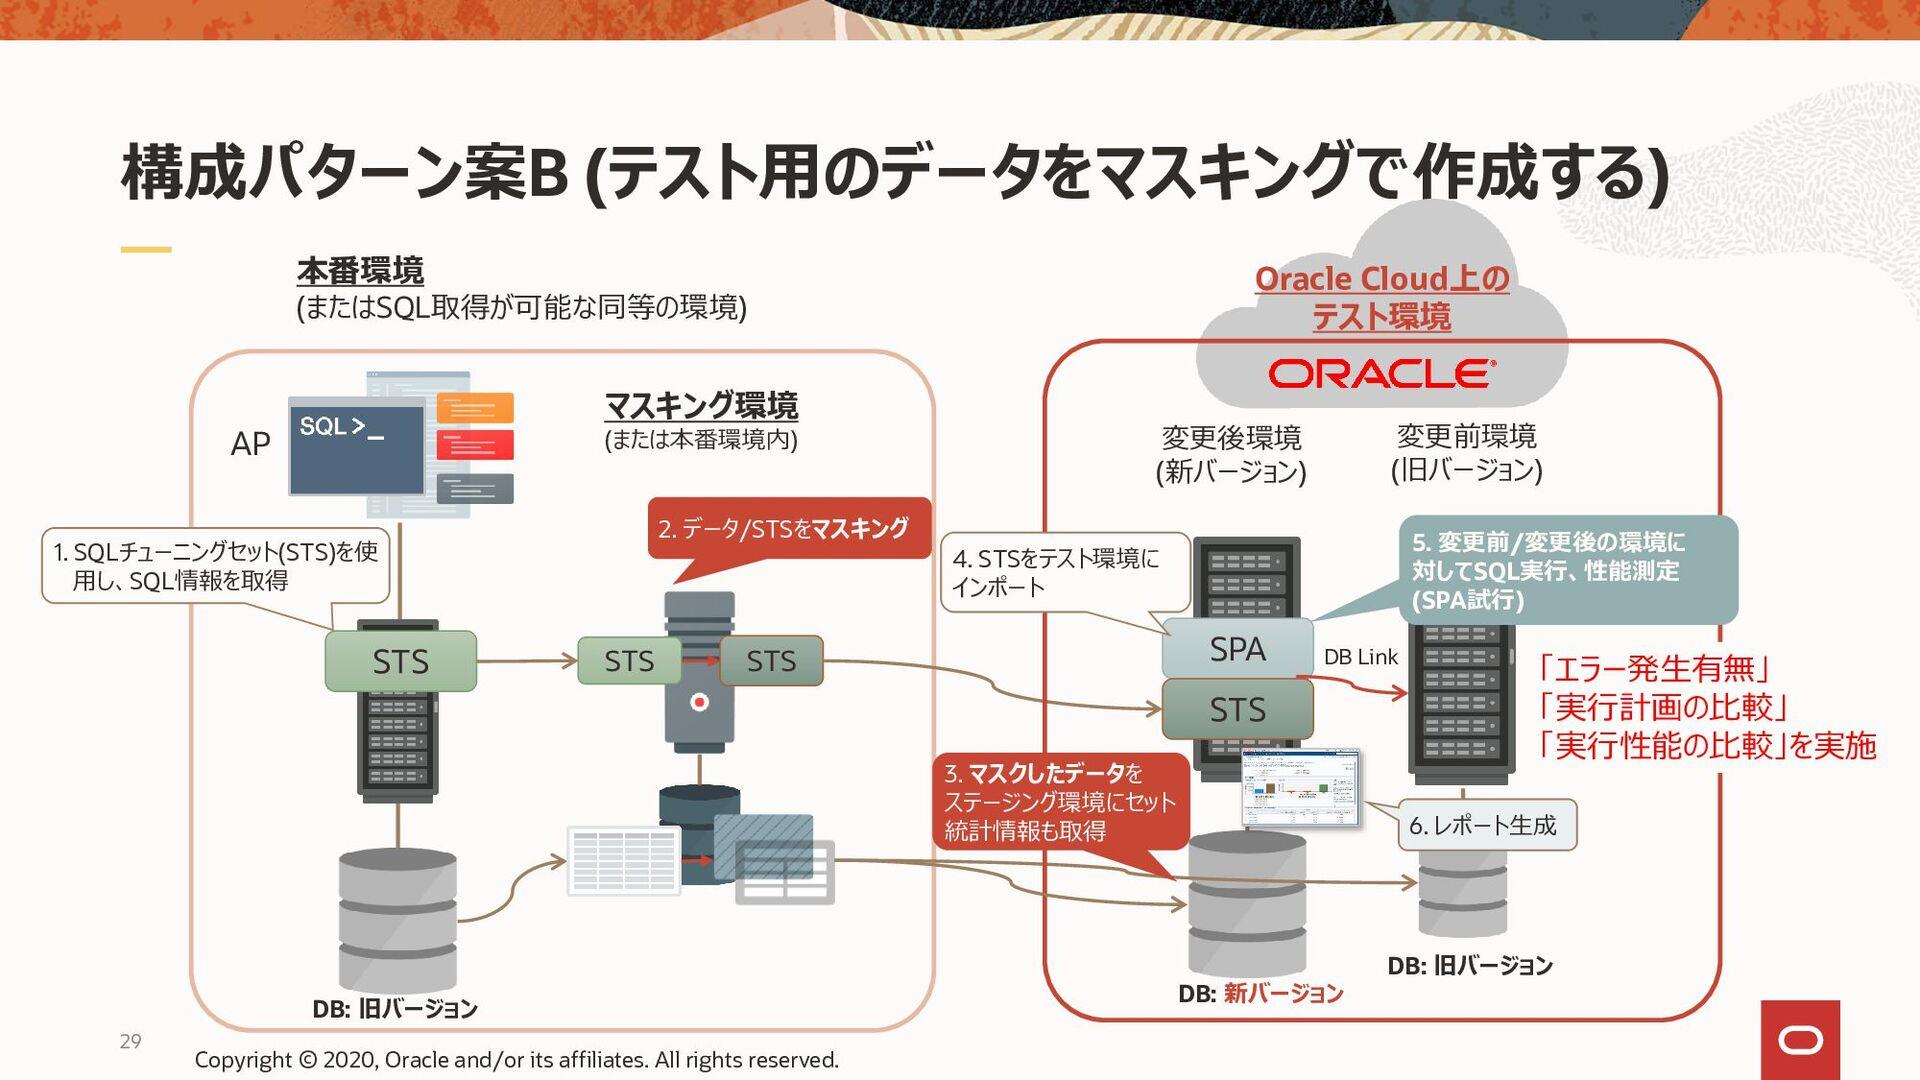 構成パターン案C (SPA試行のモード「Explain Plan」「Convert SQLSE...